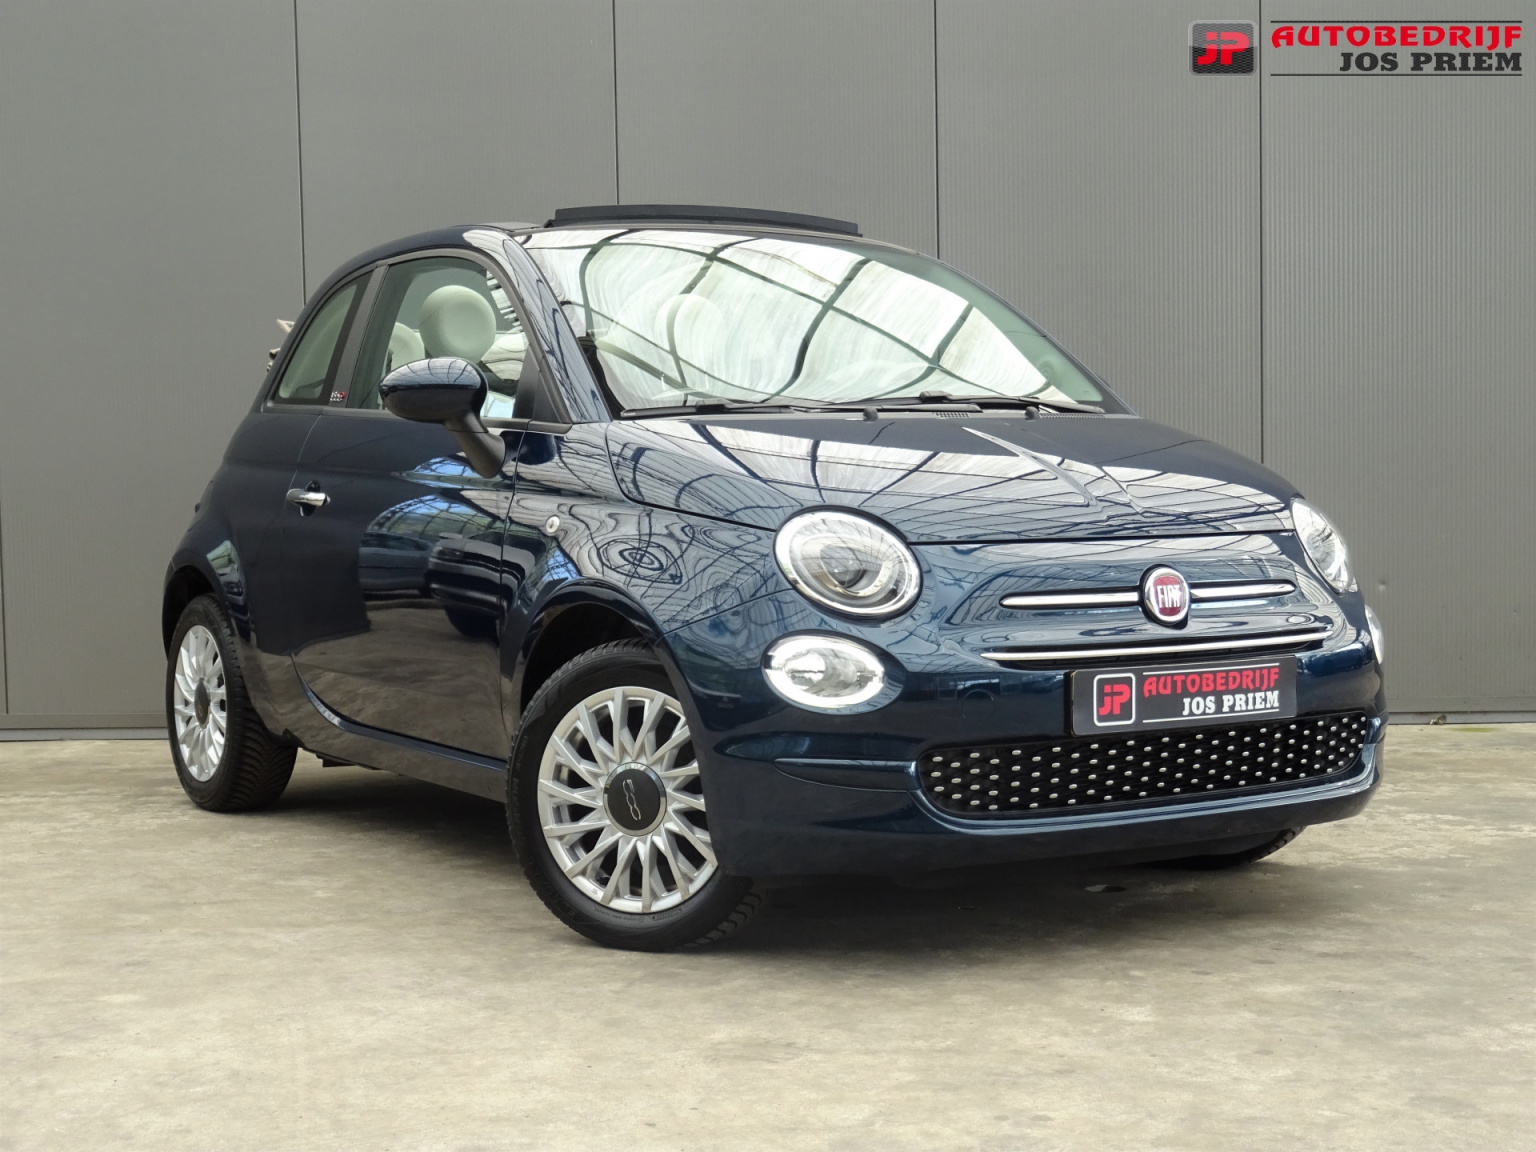 Fiat-500-1